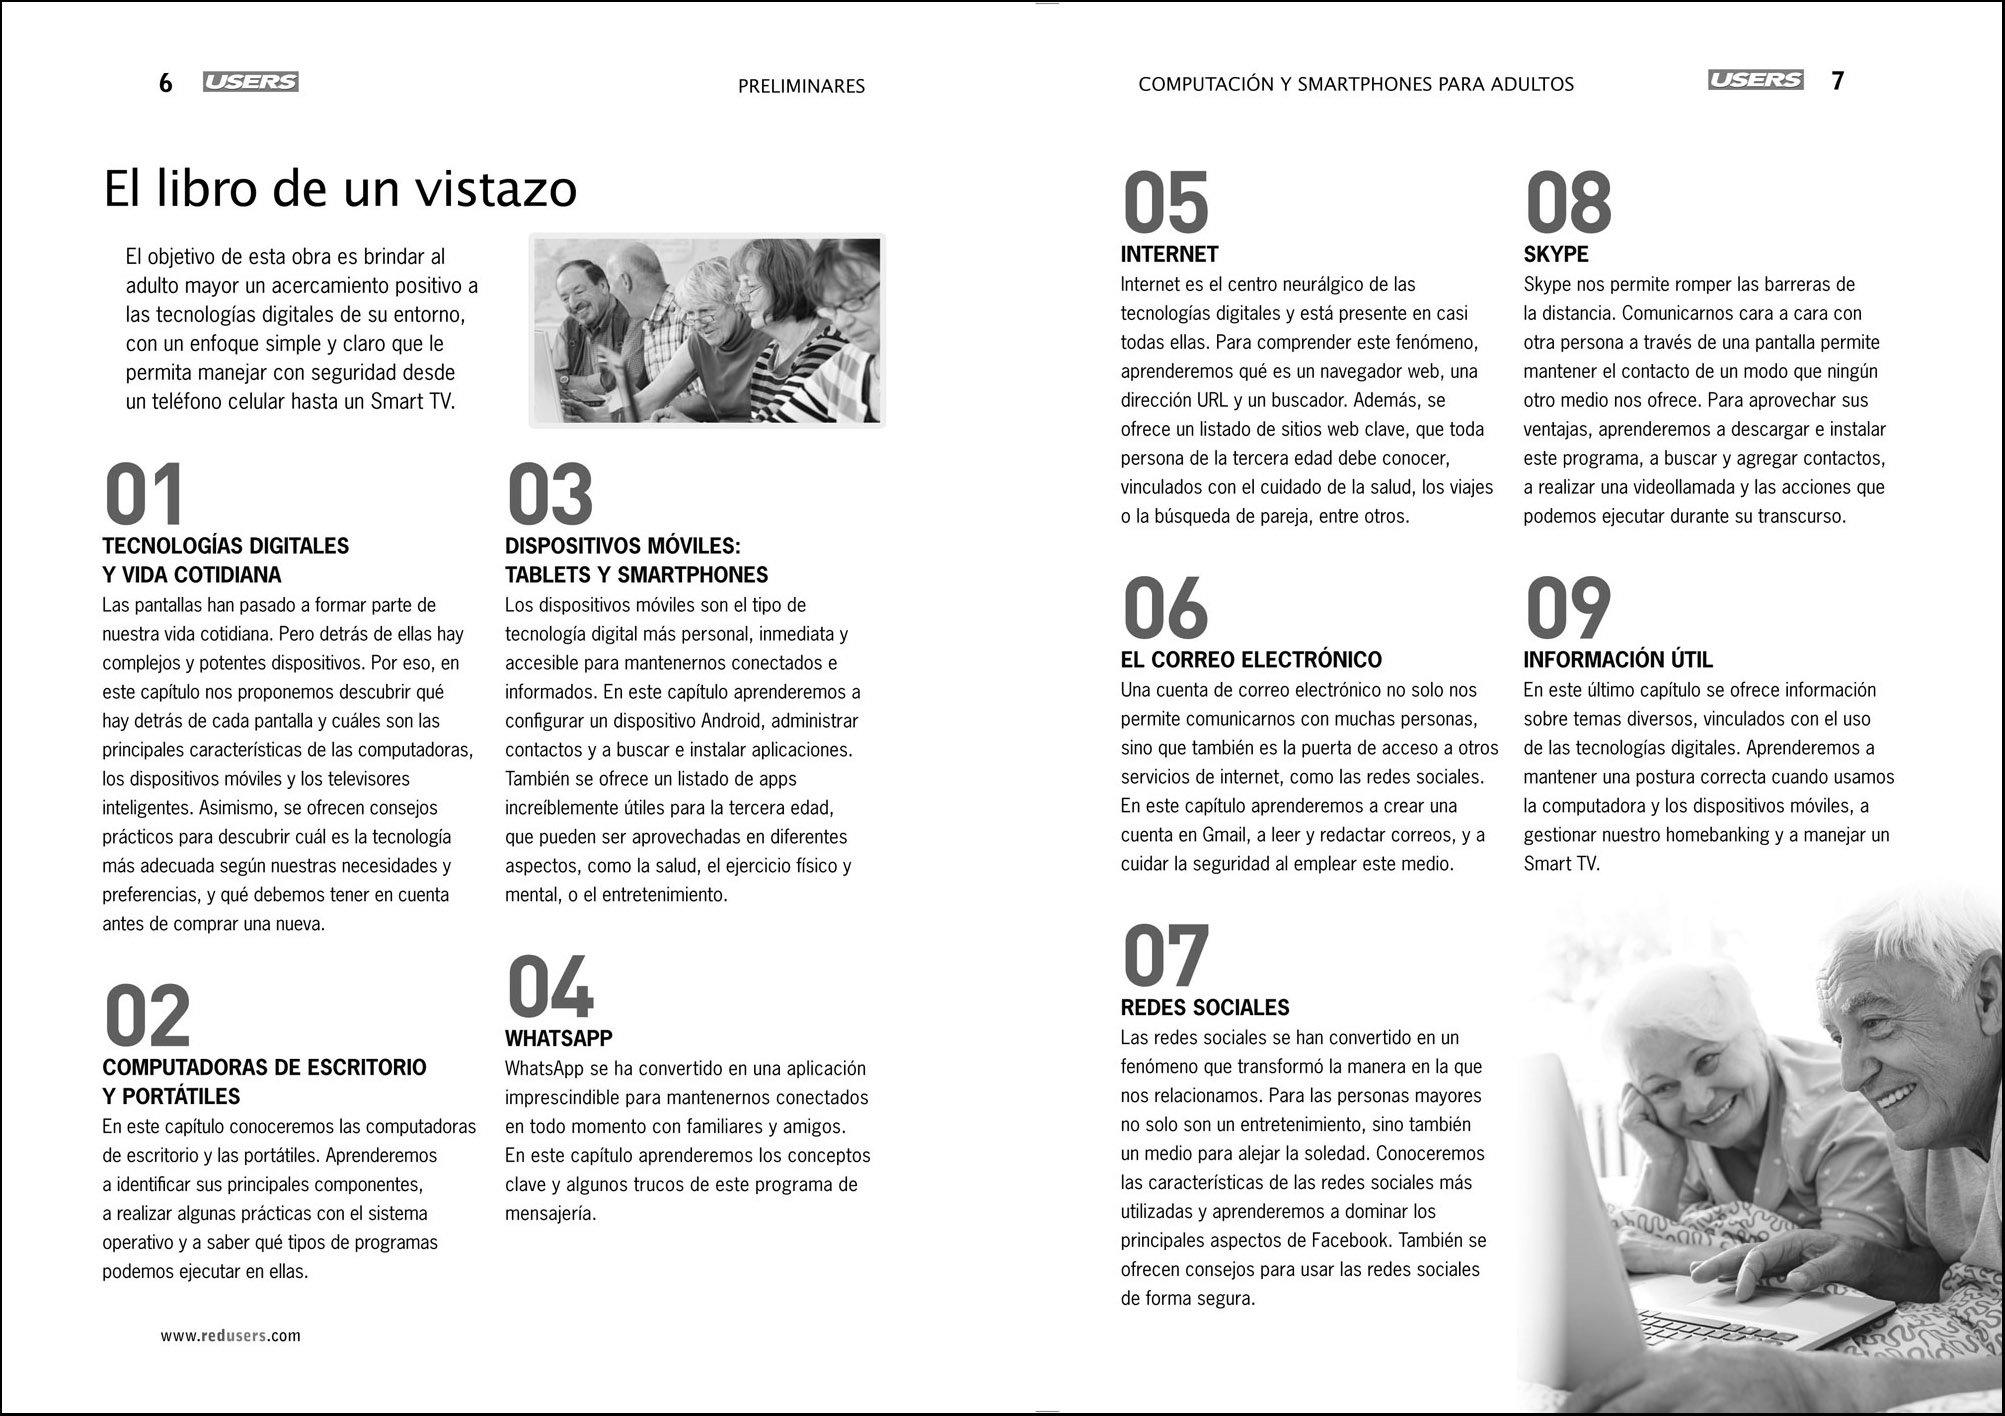 Computación y Smartphones para Adultos (Spanish Edition): Virginia Caccuri, RedUsers, Español Espanol Espaniol: 9789877340648: Amazon.com: Books